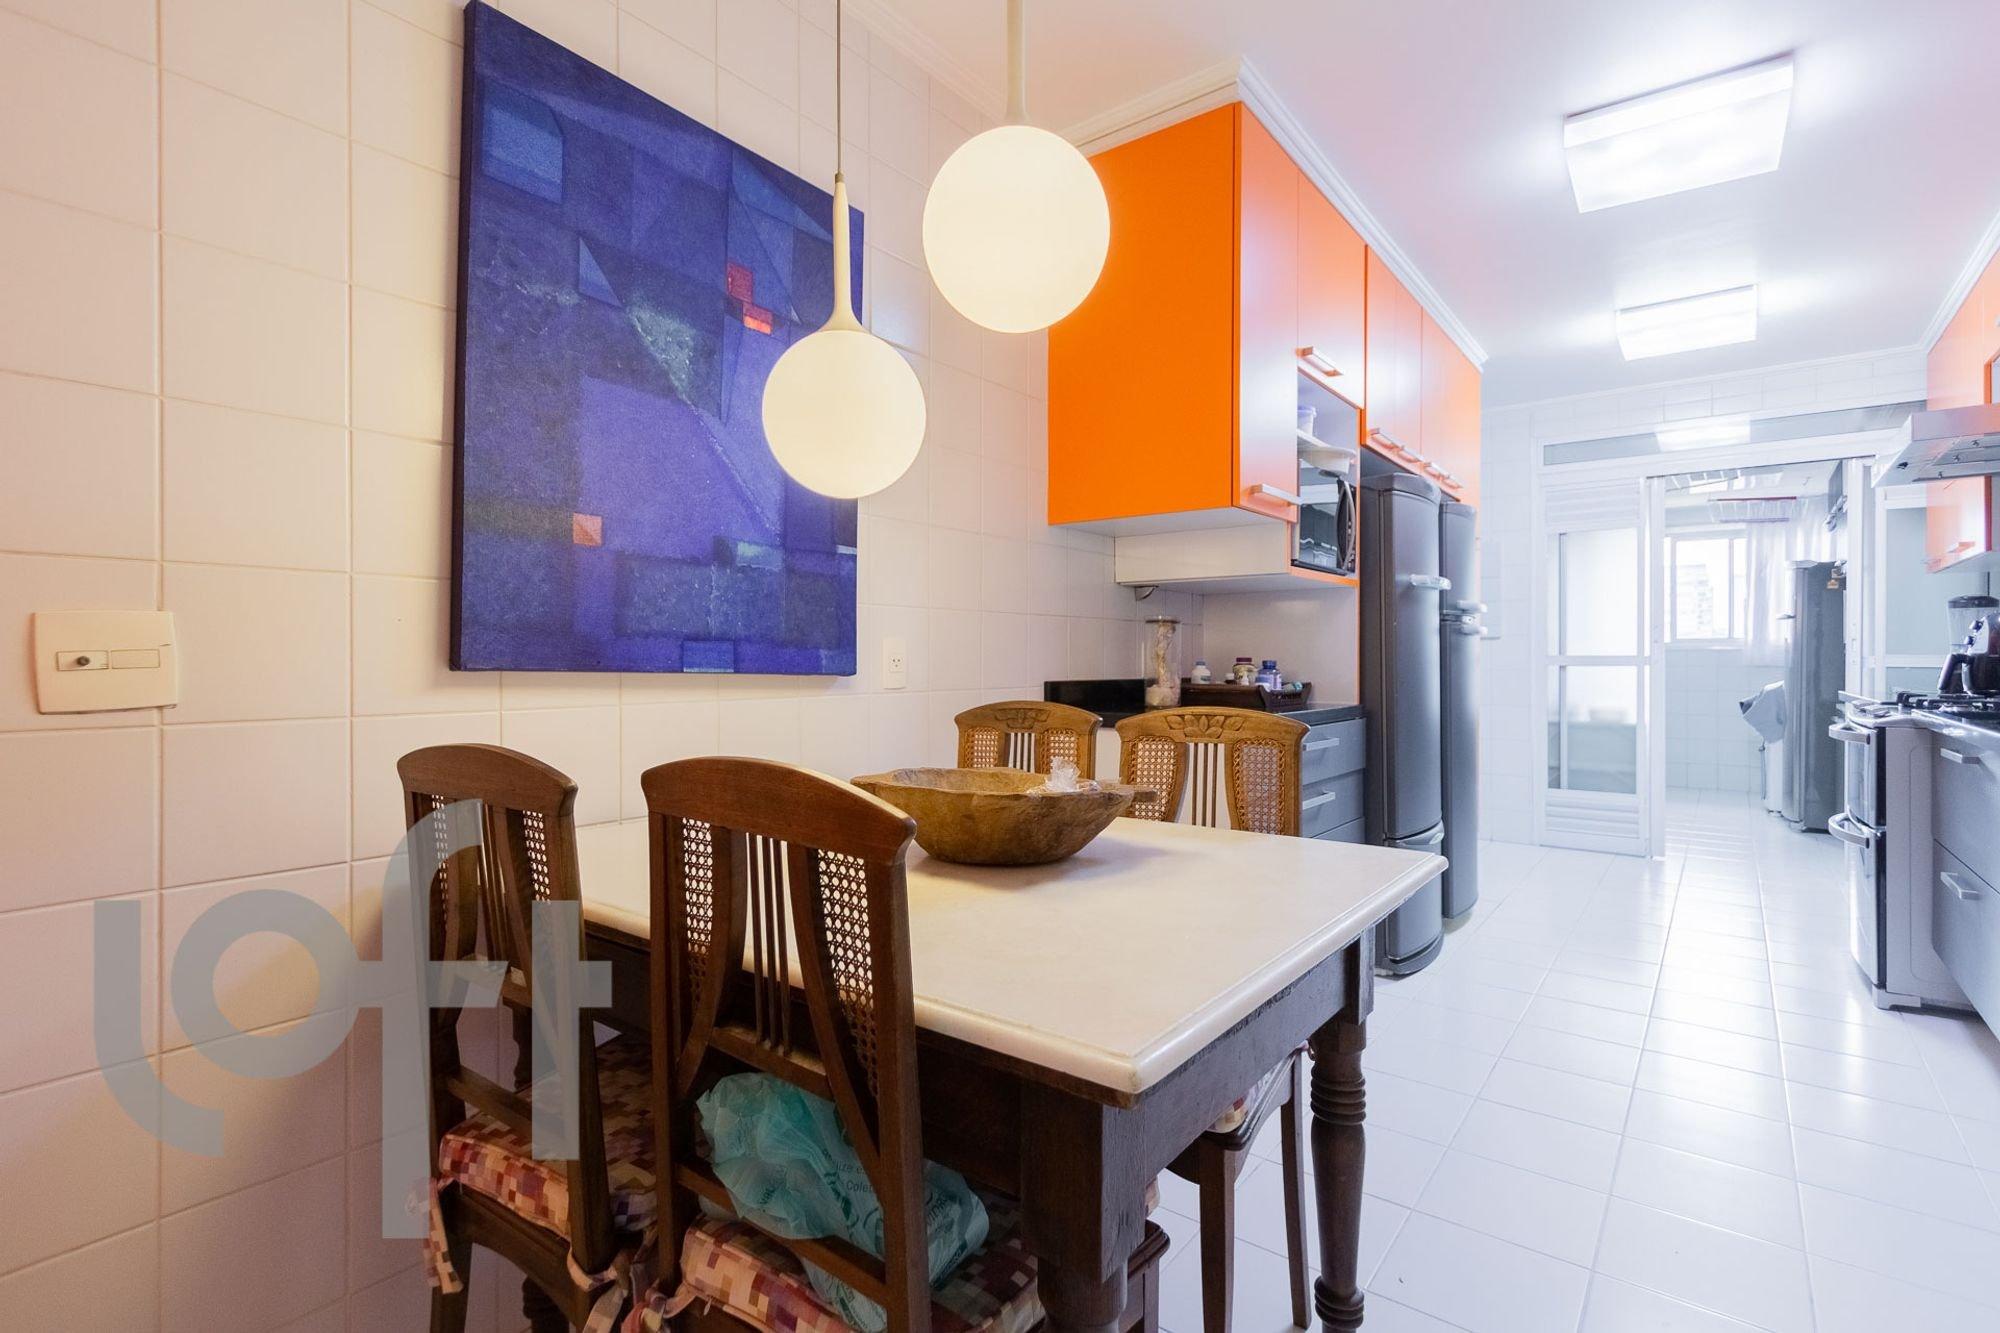 Foto de Cozinha com tigela, cadeira, mesa de jantar